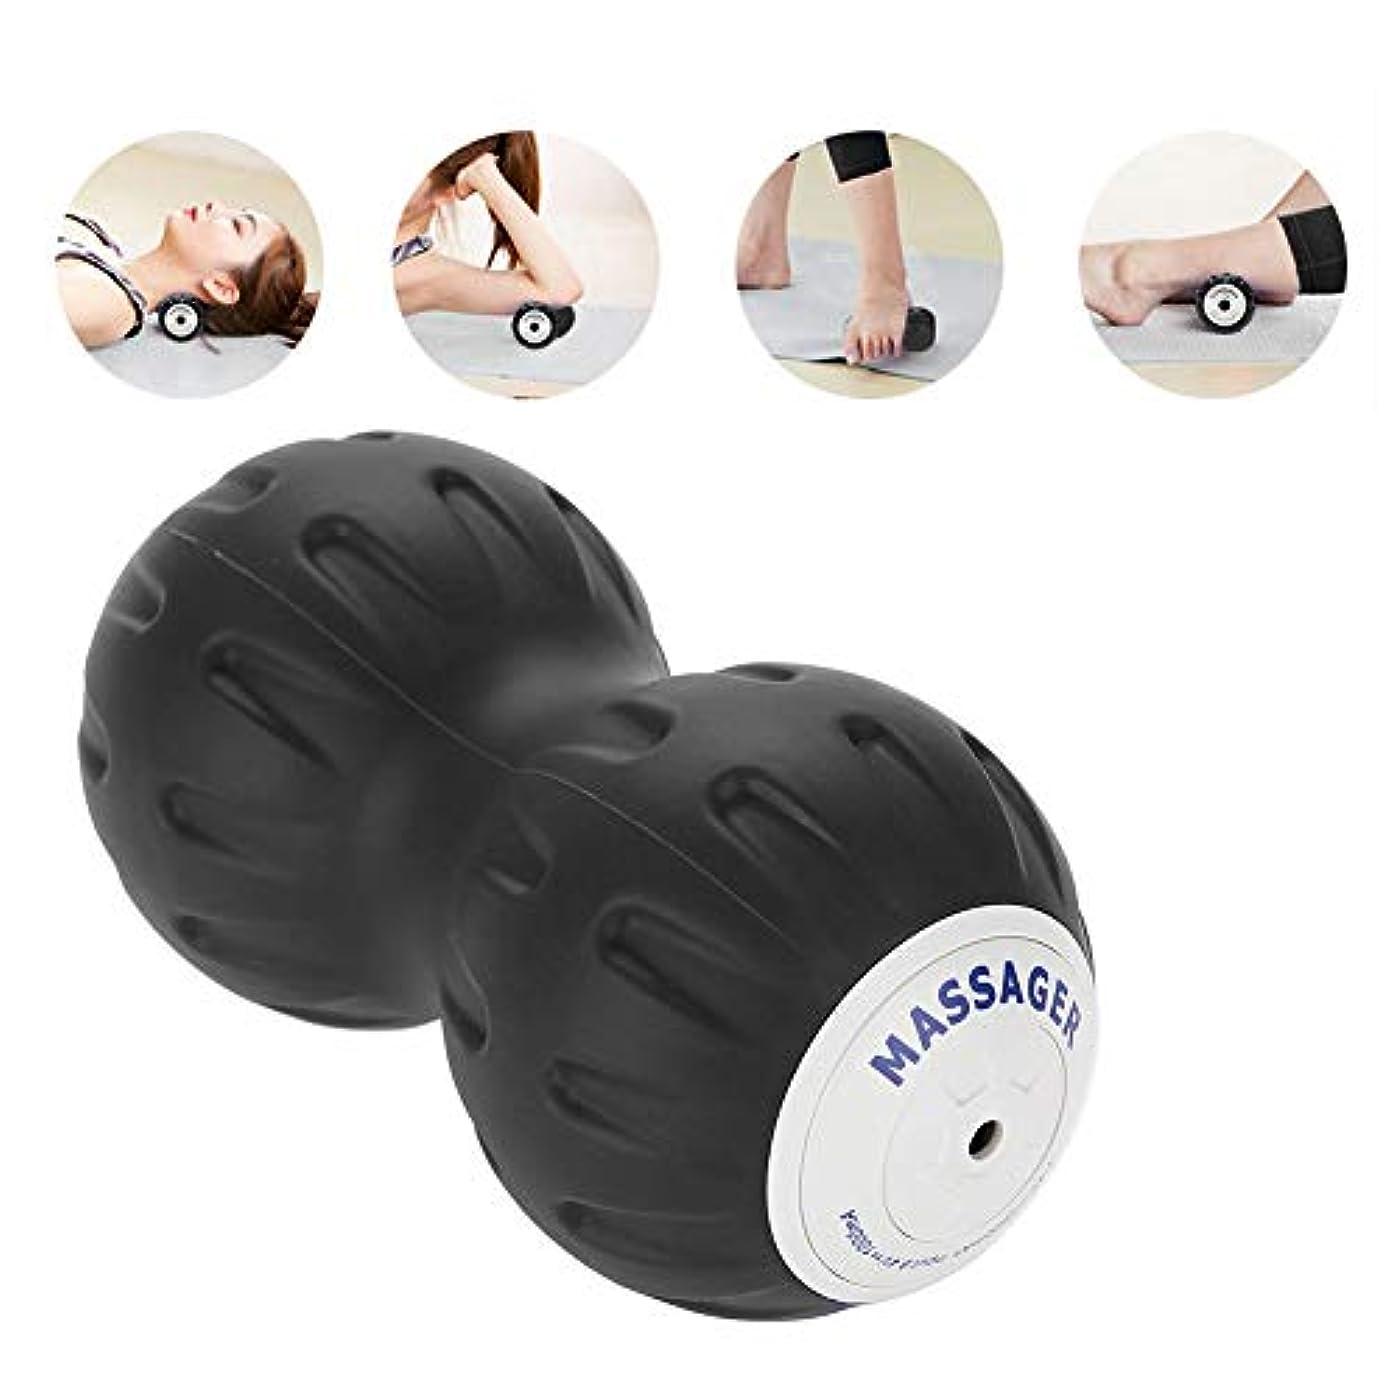 音海嶺レディピーナッツマッサージボール、電気二重ラクロスボール3スピード高輝度ヨガ枕筋肉リラックス筋膜マッサージローラー(US-Plug)